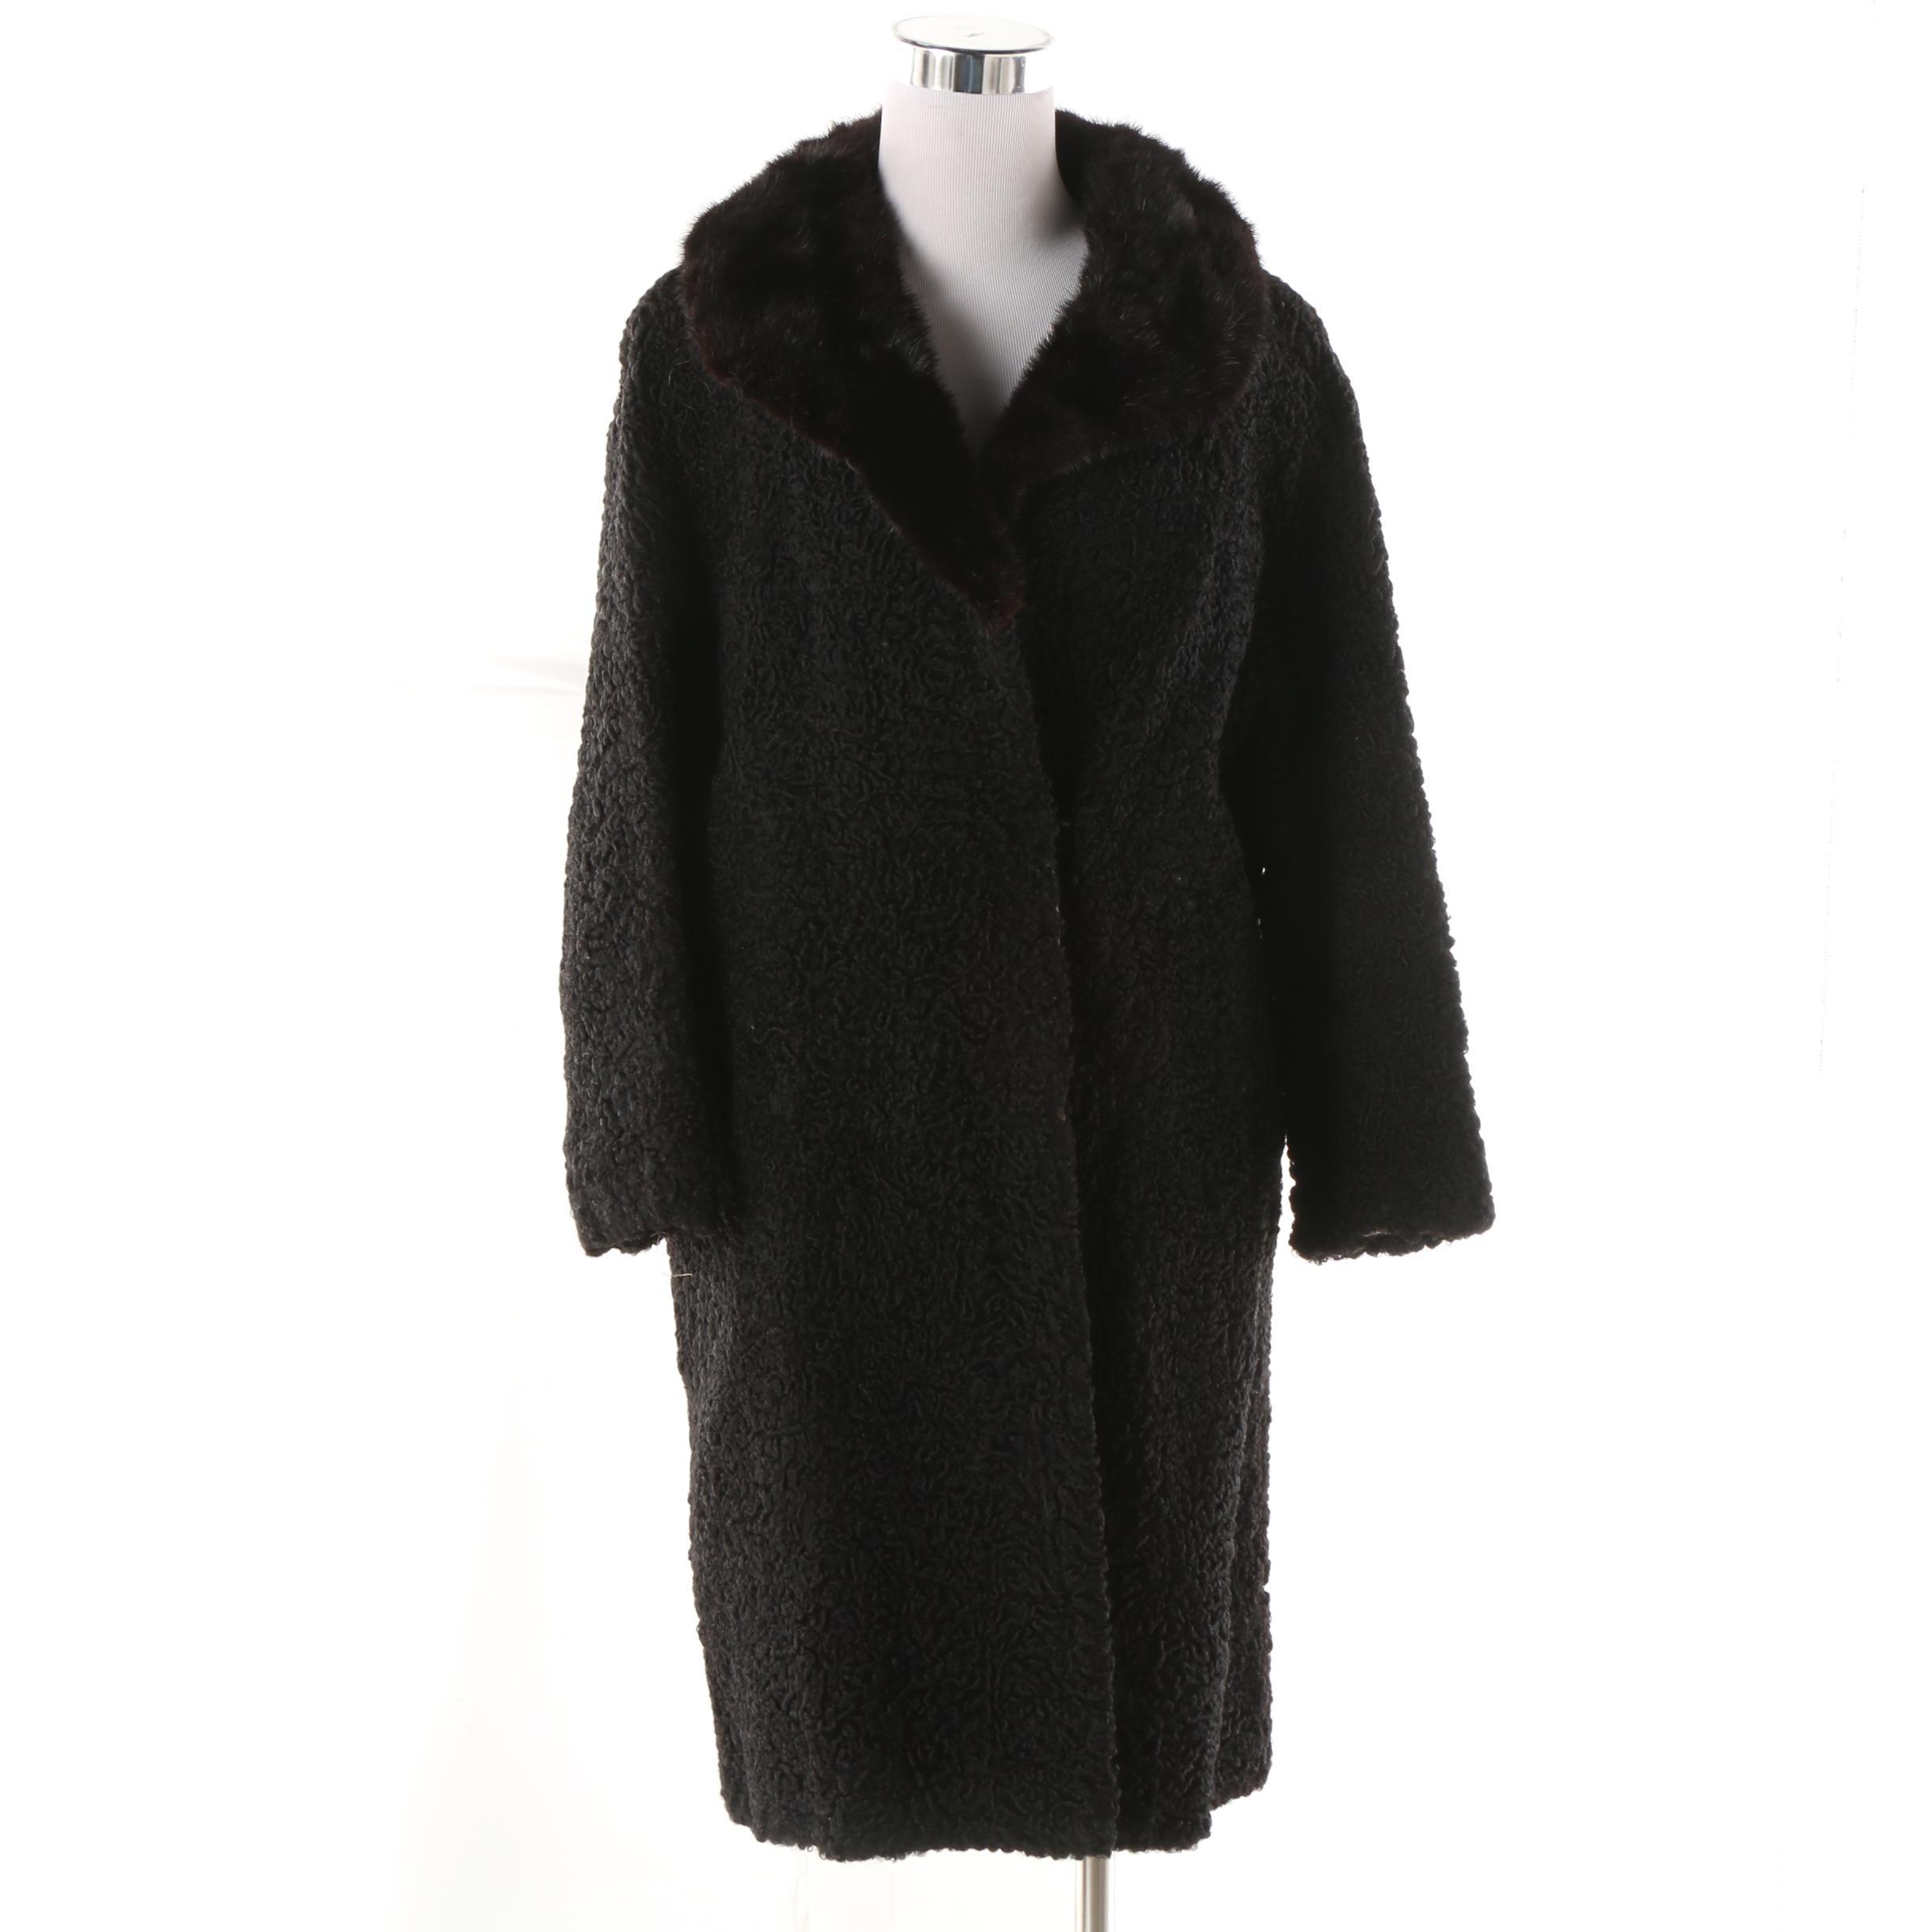 Women's Late 1960s La Cie E. Prémont Persian Lamb Fur Coat with Mink Fur Collar